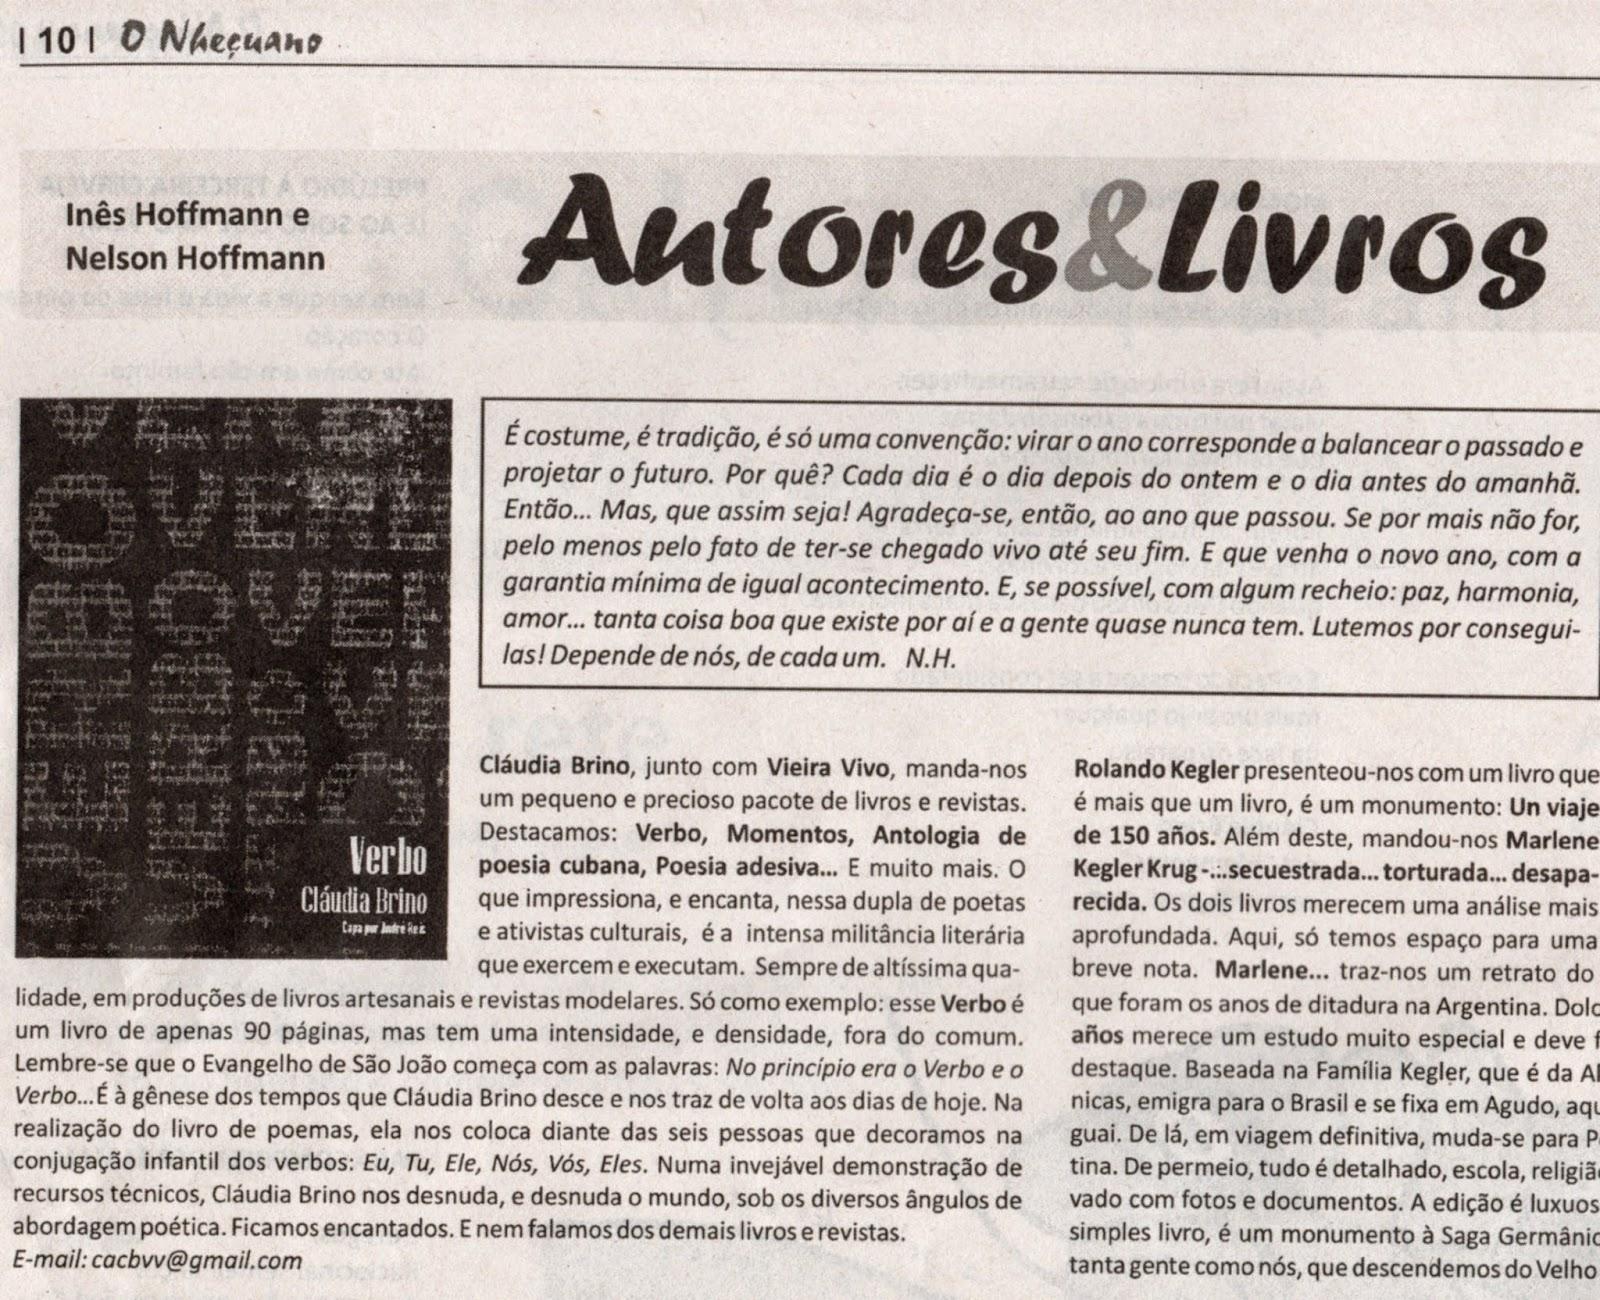 Jornal O Nheçuano - 20/2013-2014